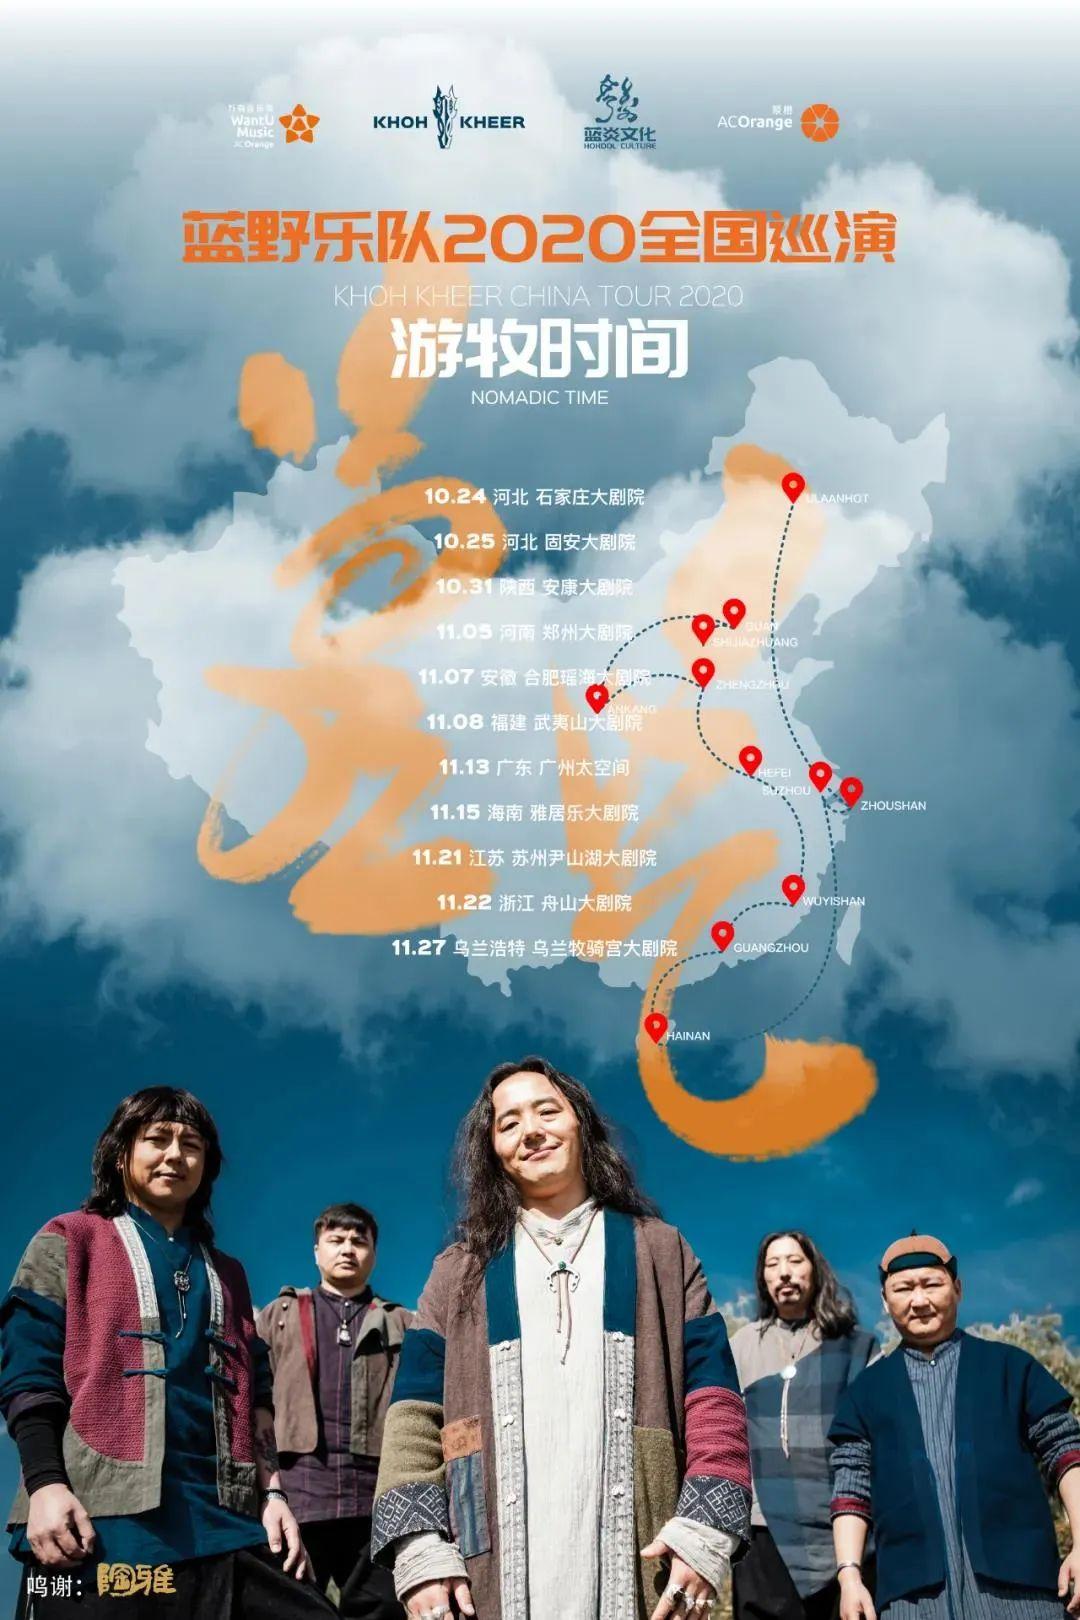 蓝野乐队《Juurai Gelden》新MV发布,全国巡演10.24启程! 蒙古音乐